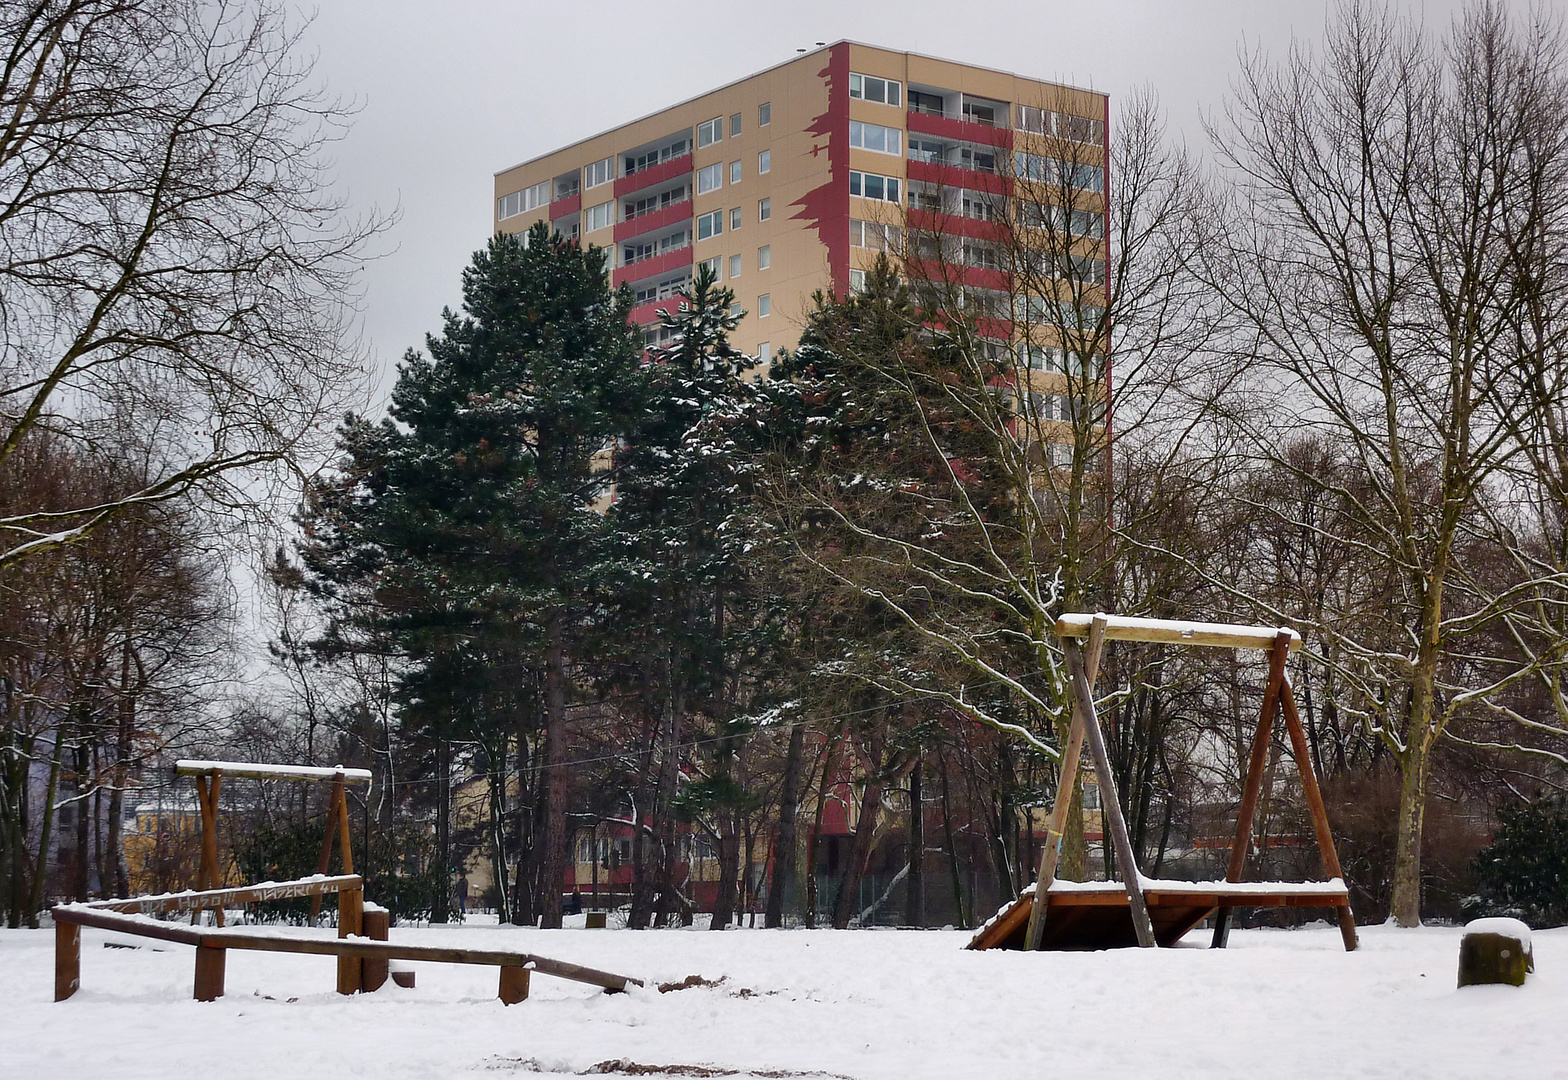 Spielplatz vor Hochhaus